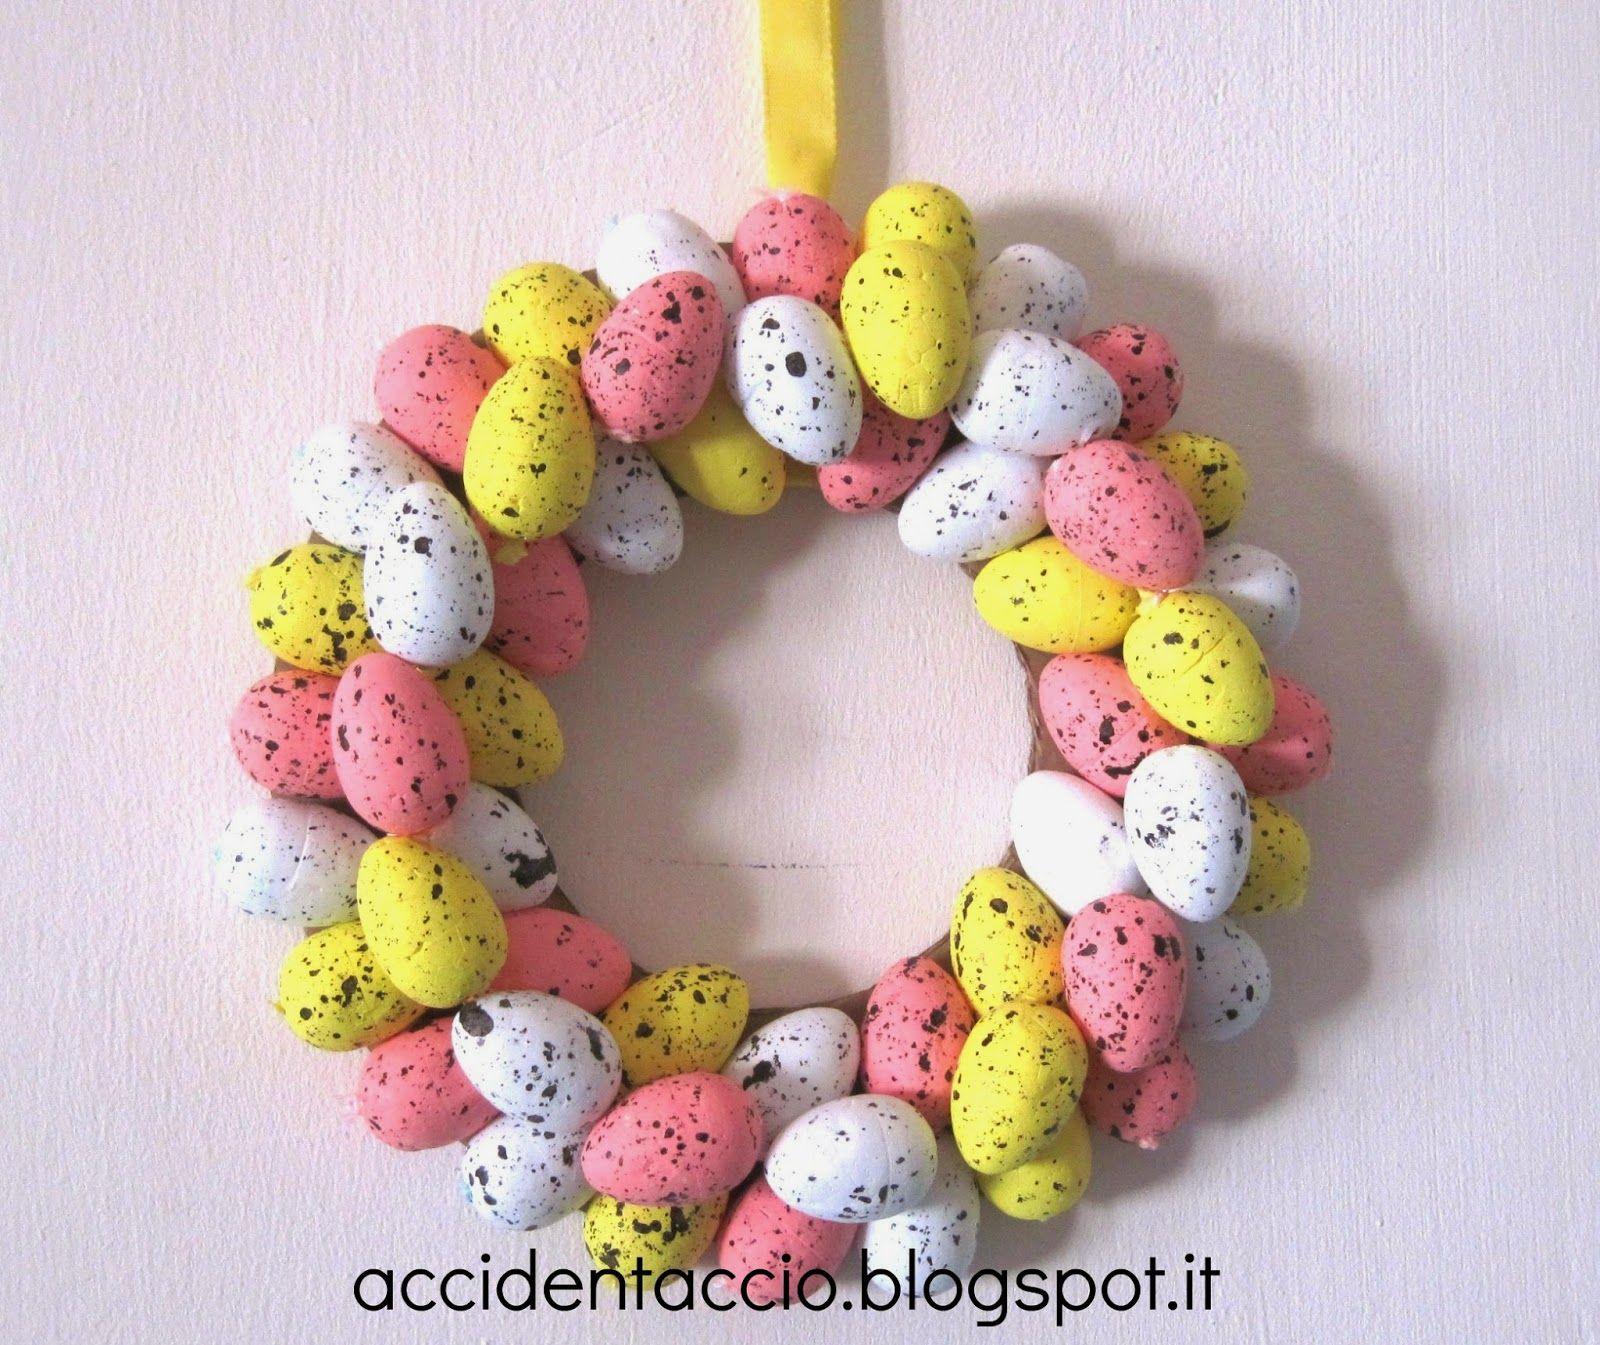 Accidentaccio: Decorazioni per Pasqua: fuori porta di ovetti colo...